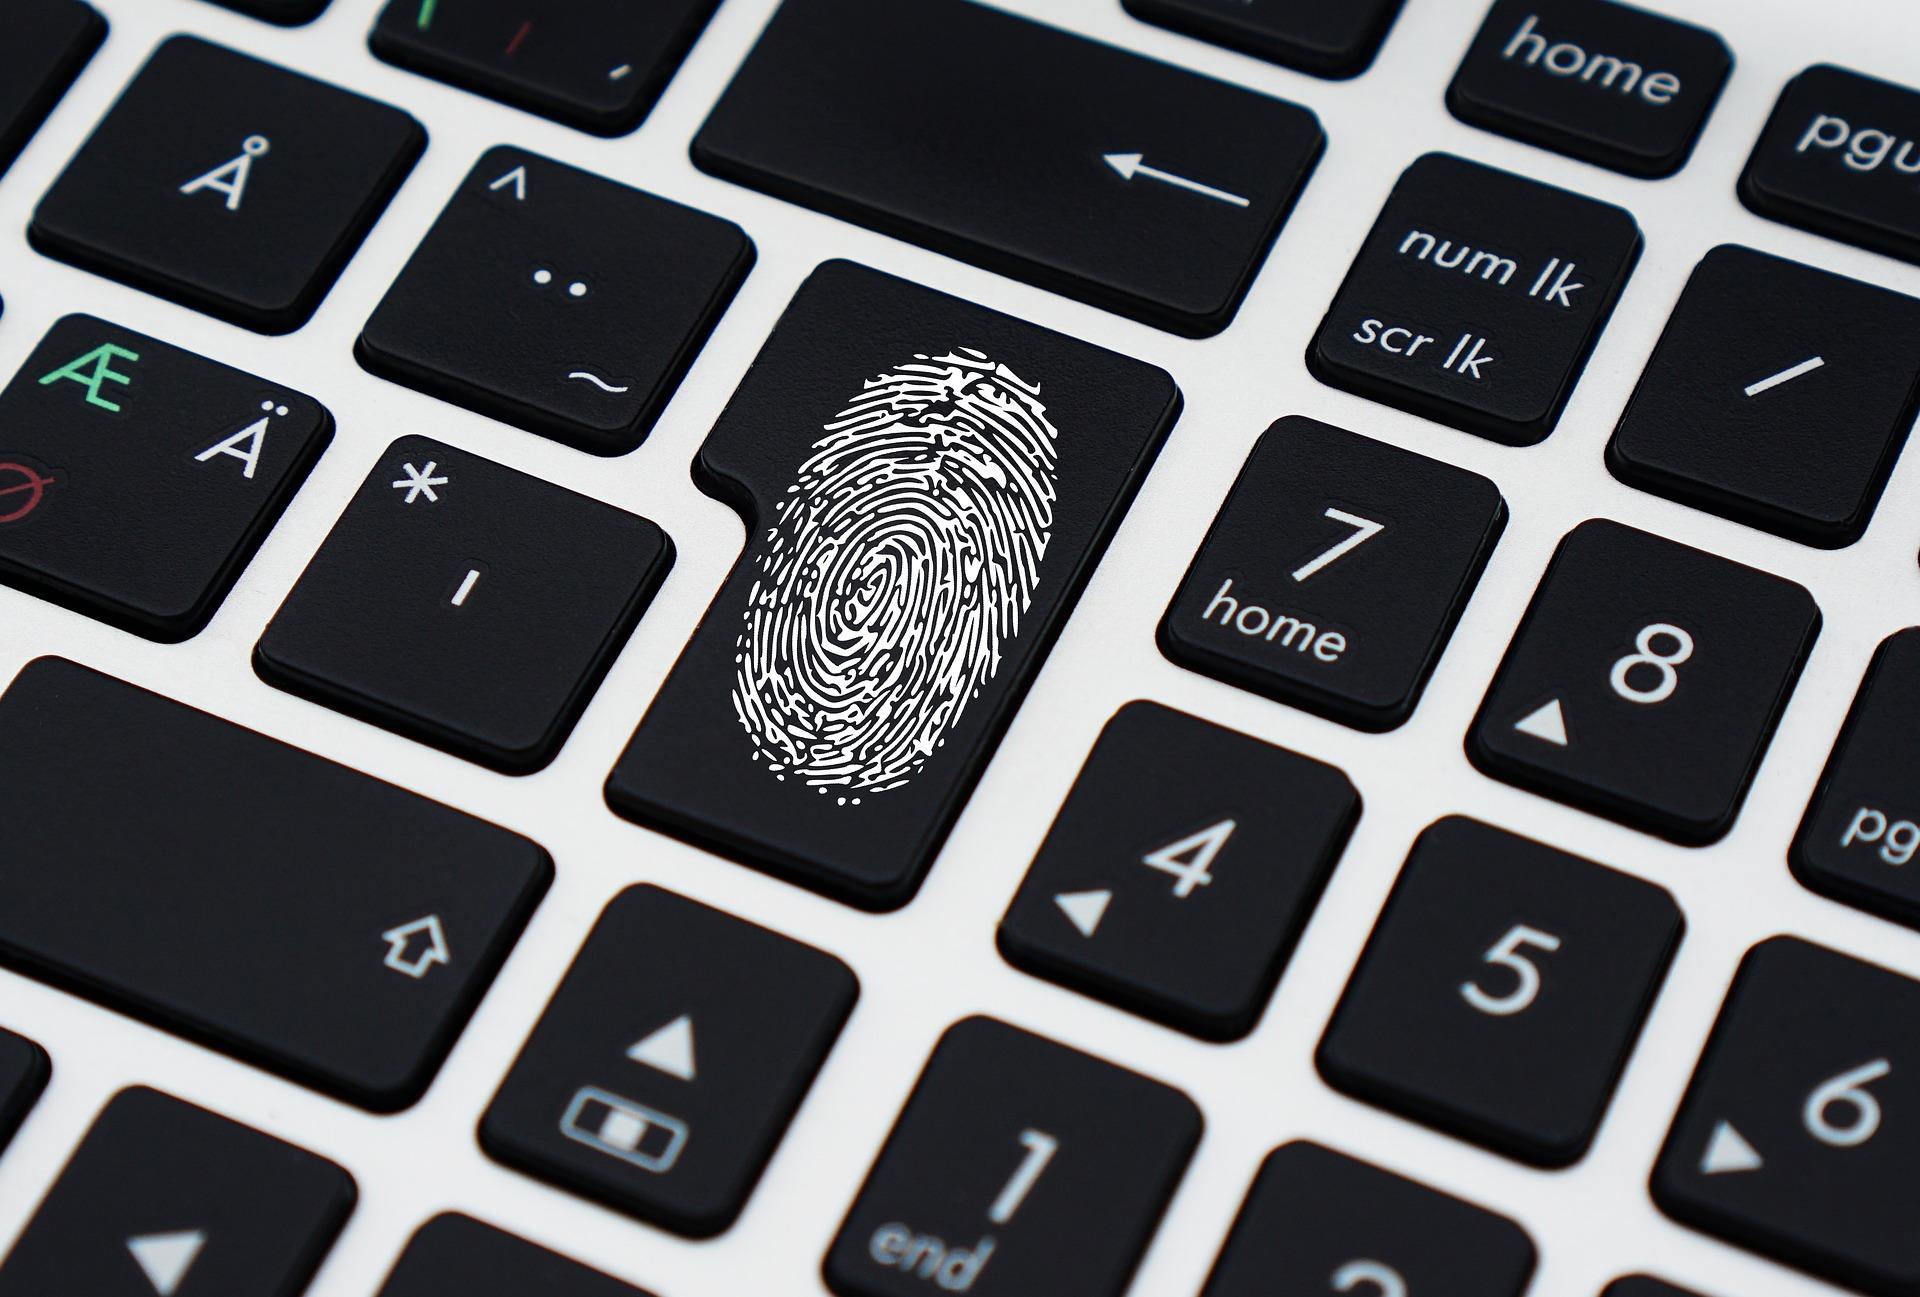 bezpieczeństwo danych w sieci, odcisk palca na klawiaturze